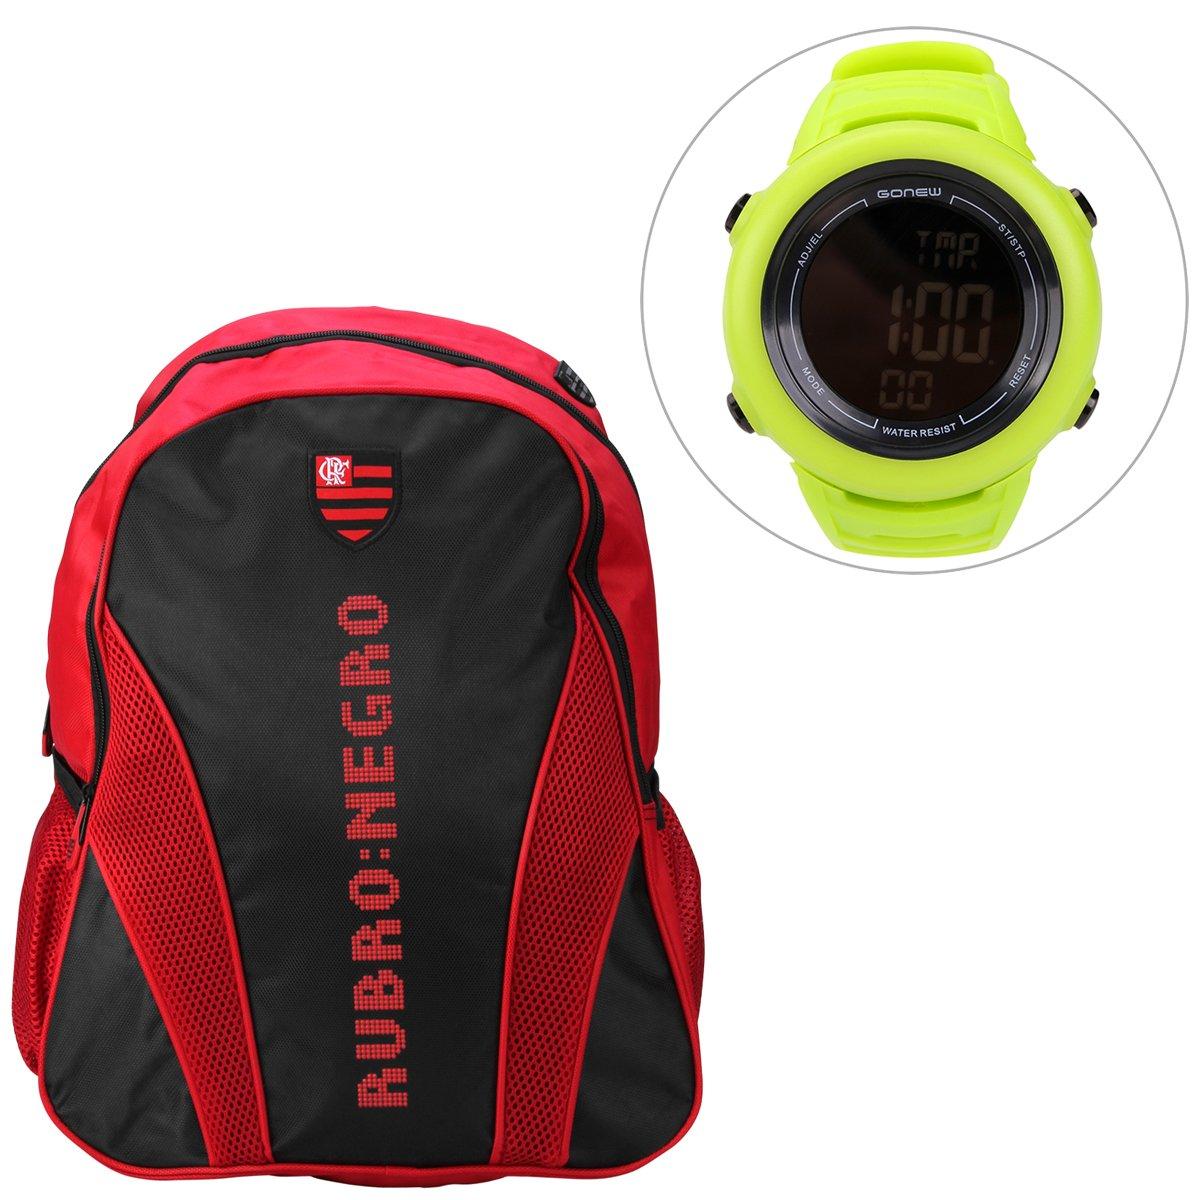 dc9ab0854e Kit Mochila Flamengo + Relógio Gonew Energy 2 - Compre Agora